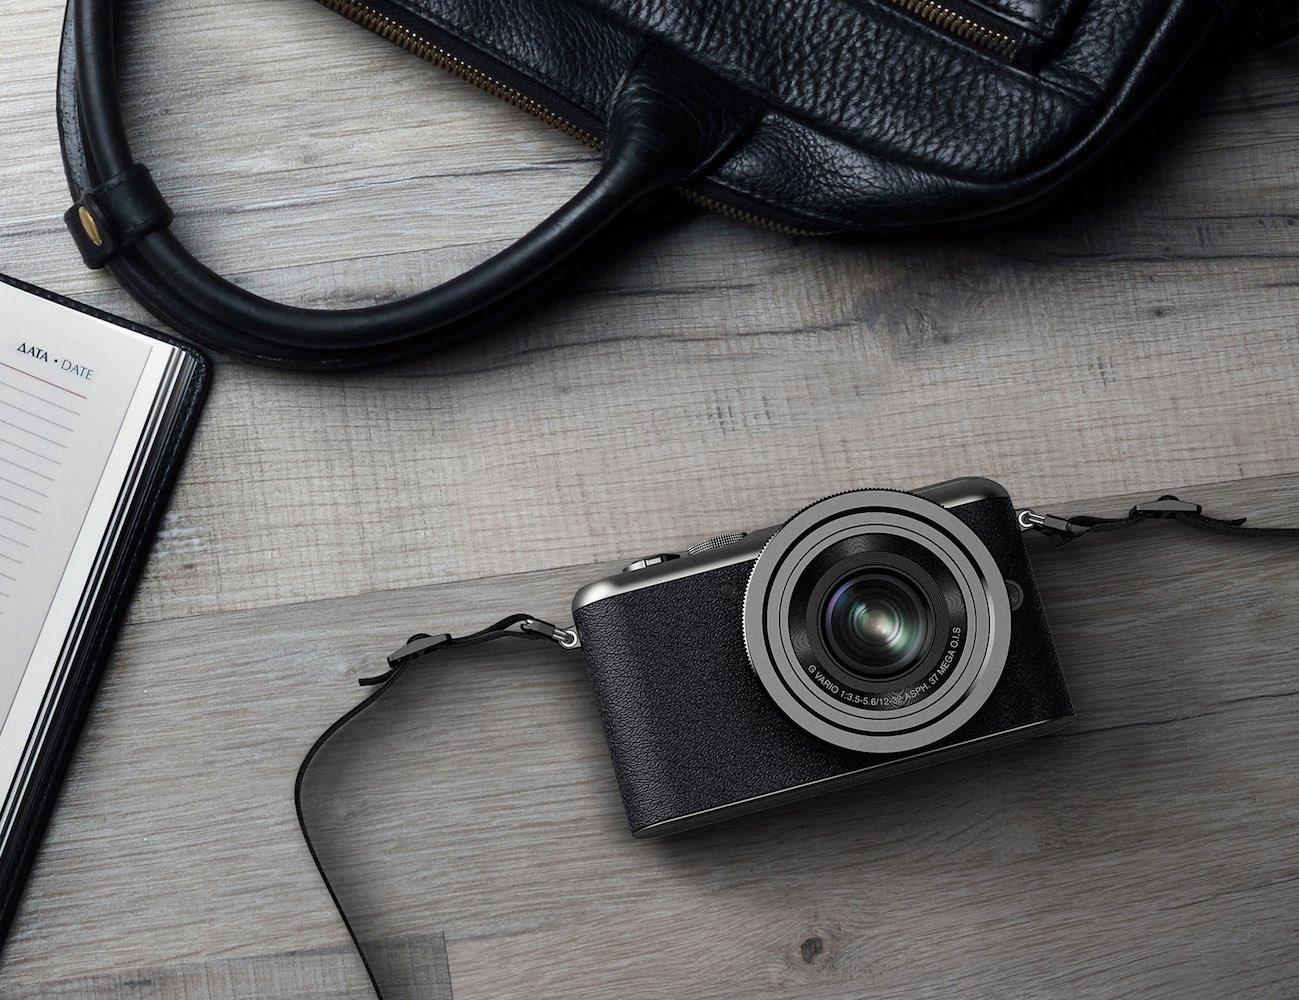 Segment+Compact+Digital+Camera